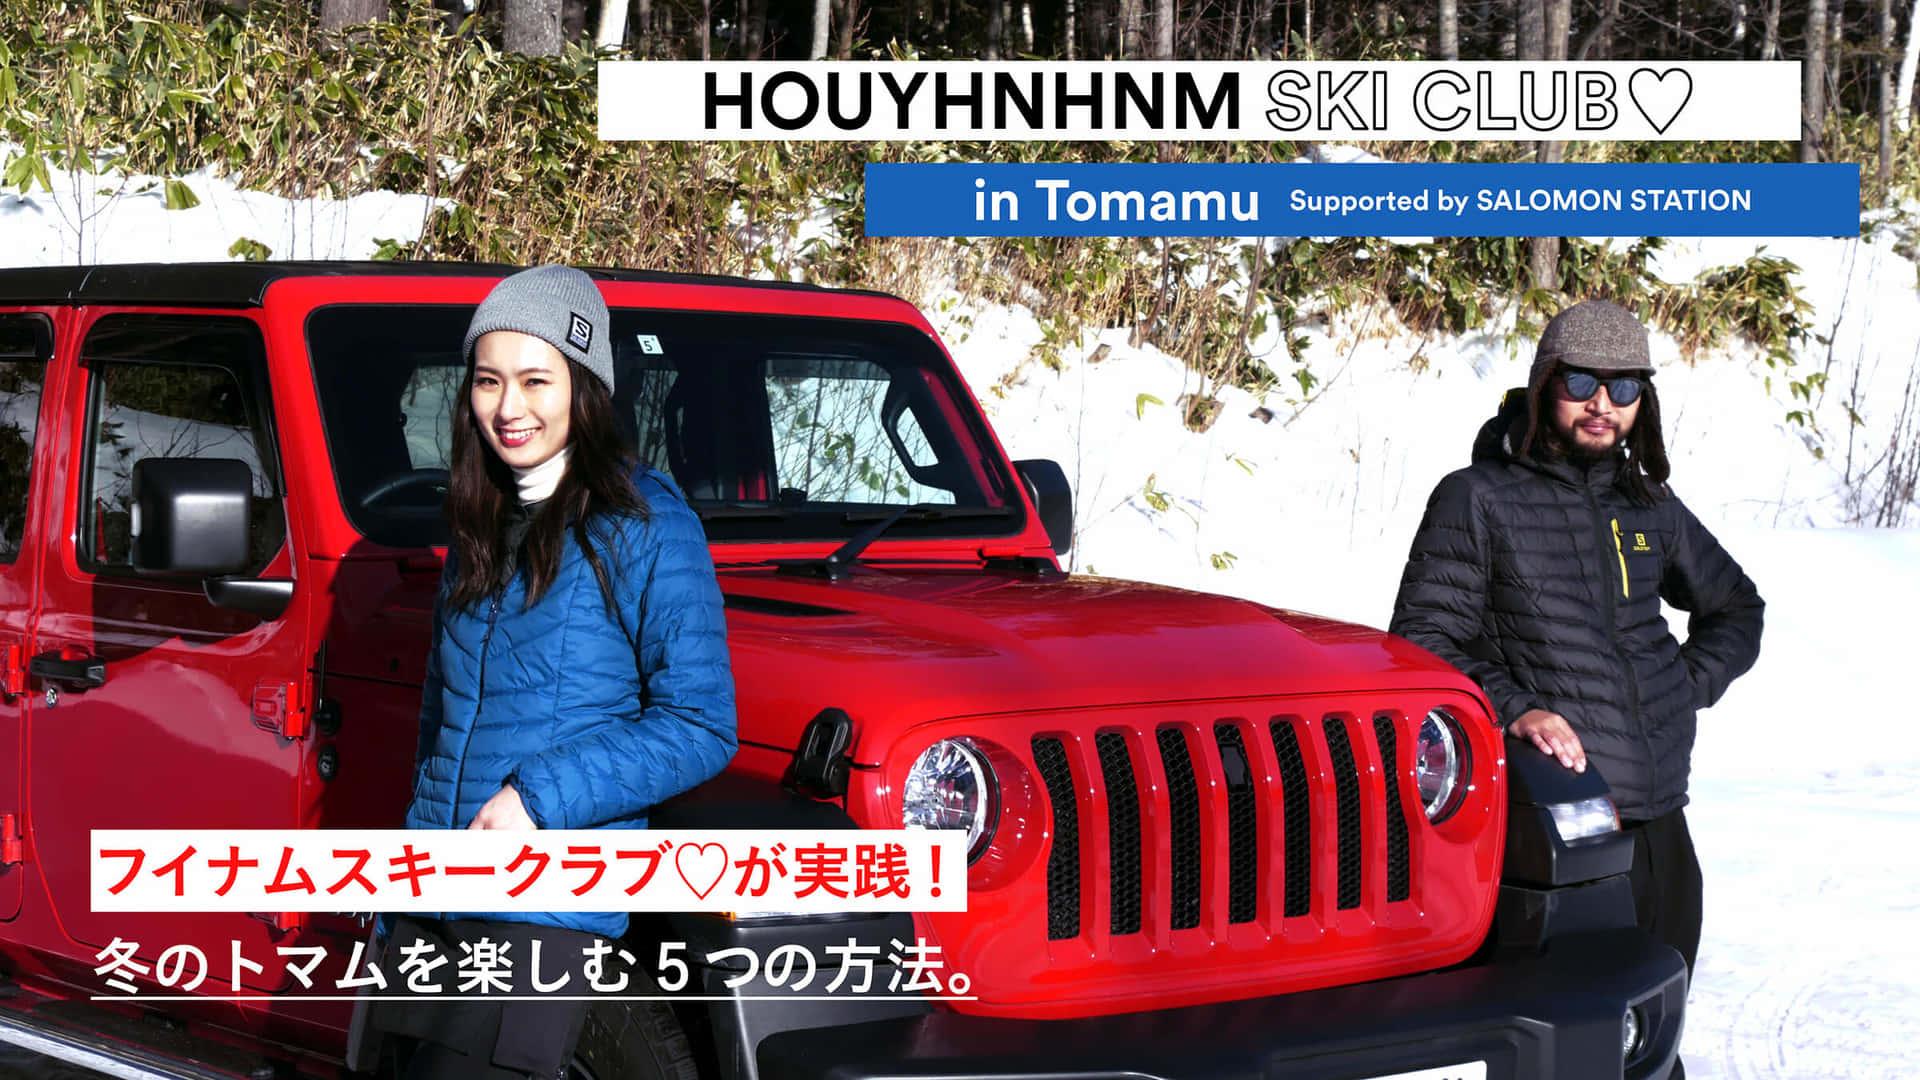 フイナム スキー クラブ♡が実践! 冬のトマムを楽しむ5つの方法。